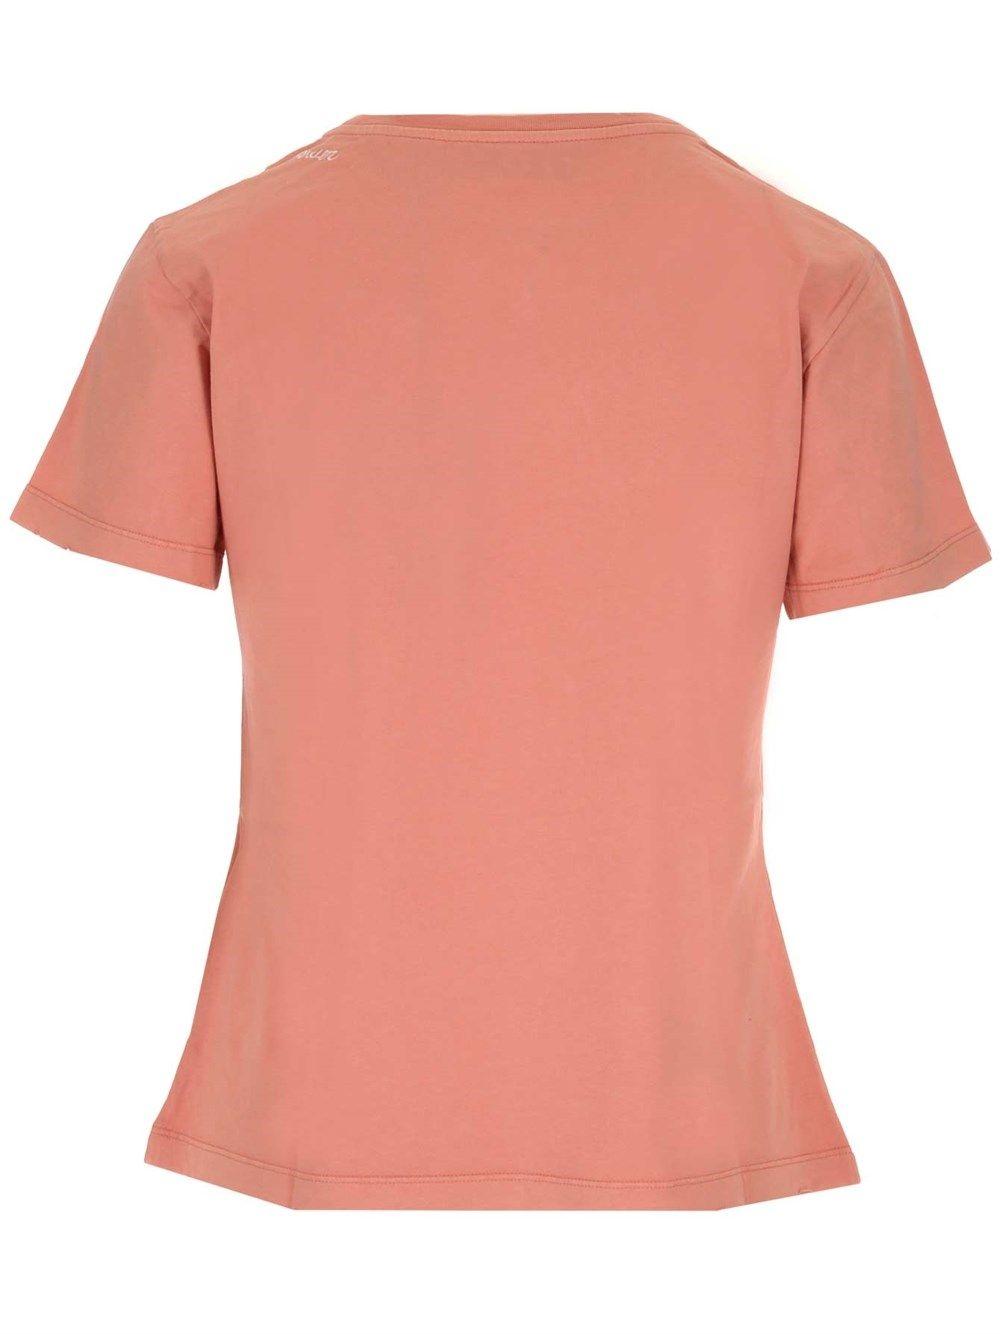 GOLDEN GOOSE T-shirts GOLDEN GOOSE WOMEN'S BEIGE OTHER MATERIALS T-SHIRT